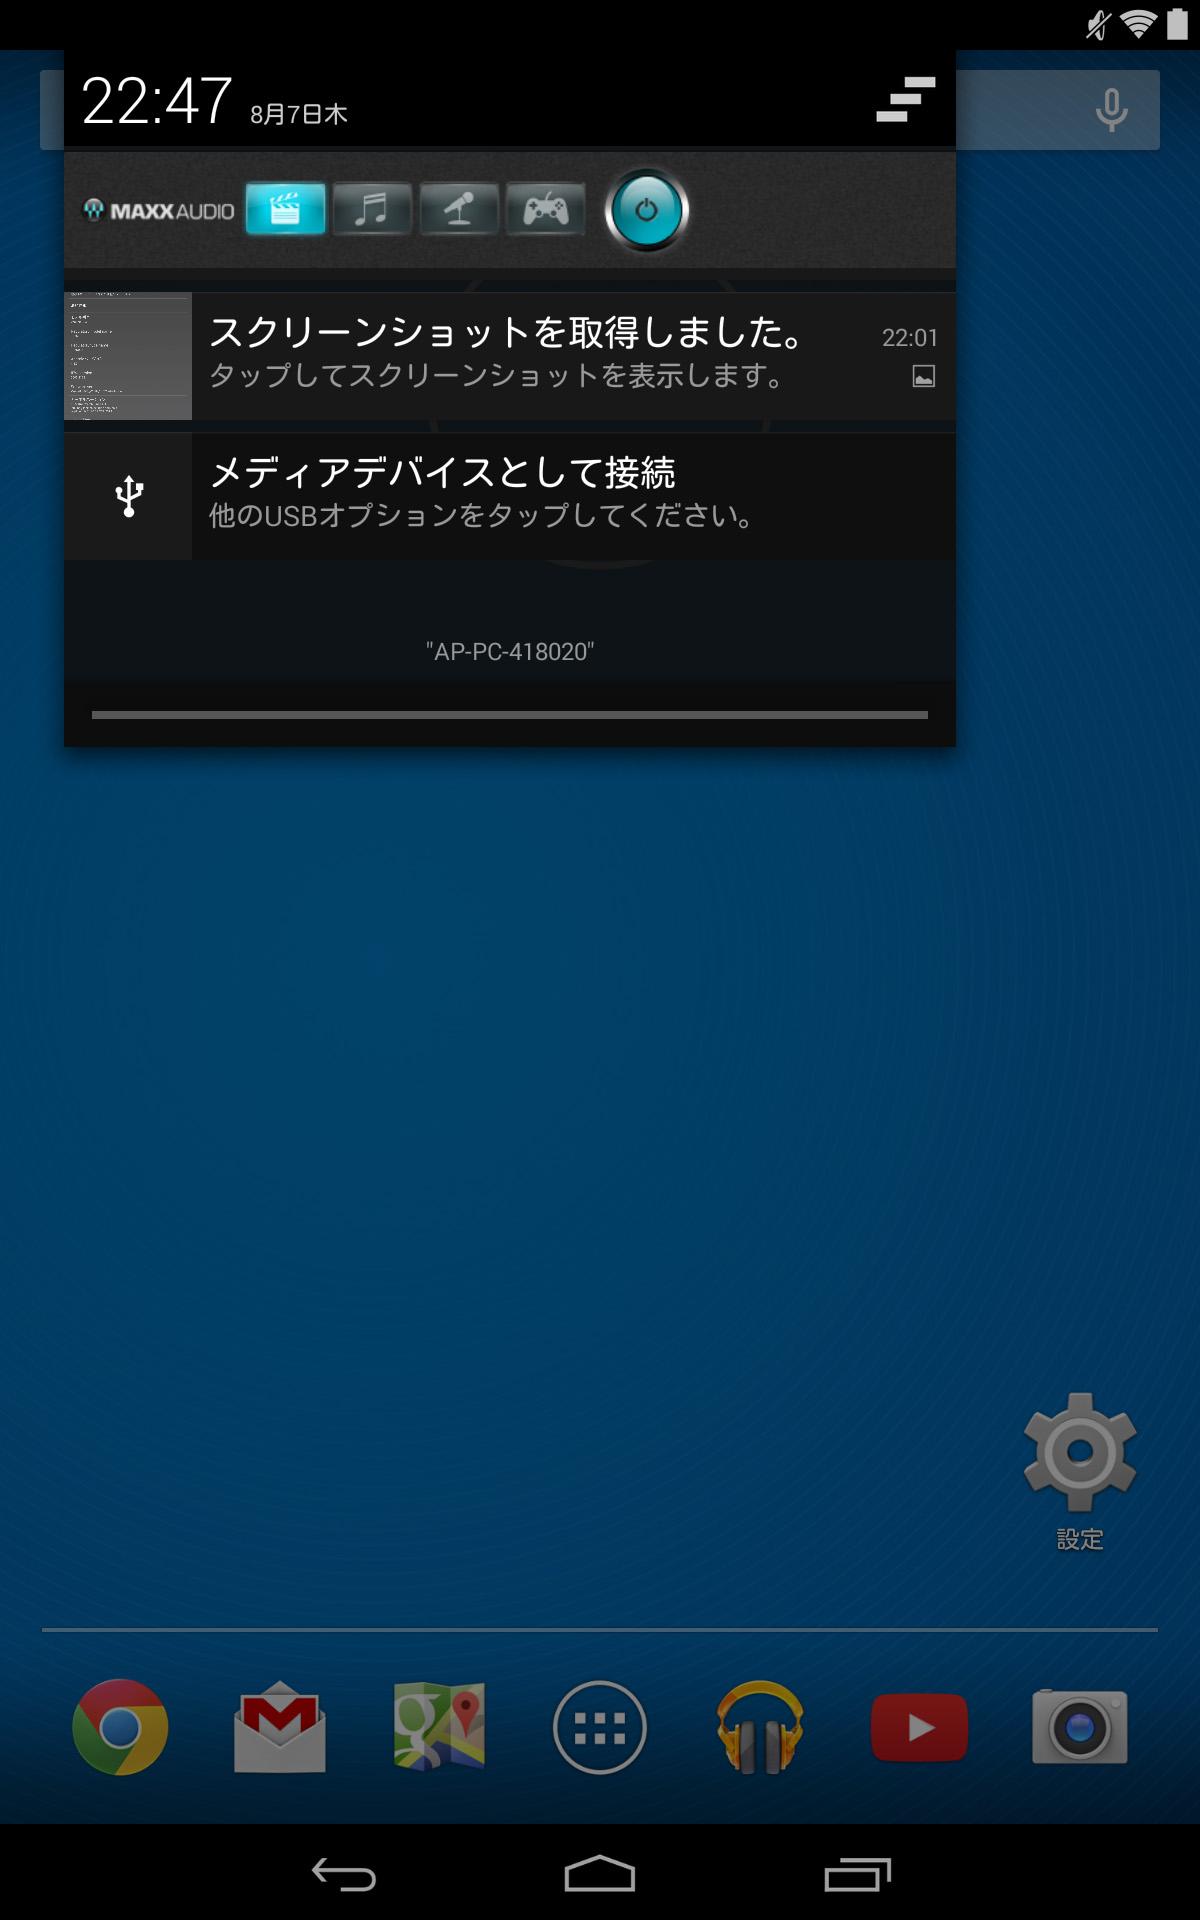 通知エリア。MaxxAudioのコントロールが追加されている